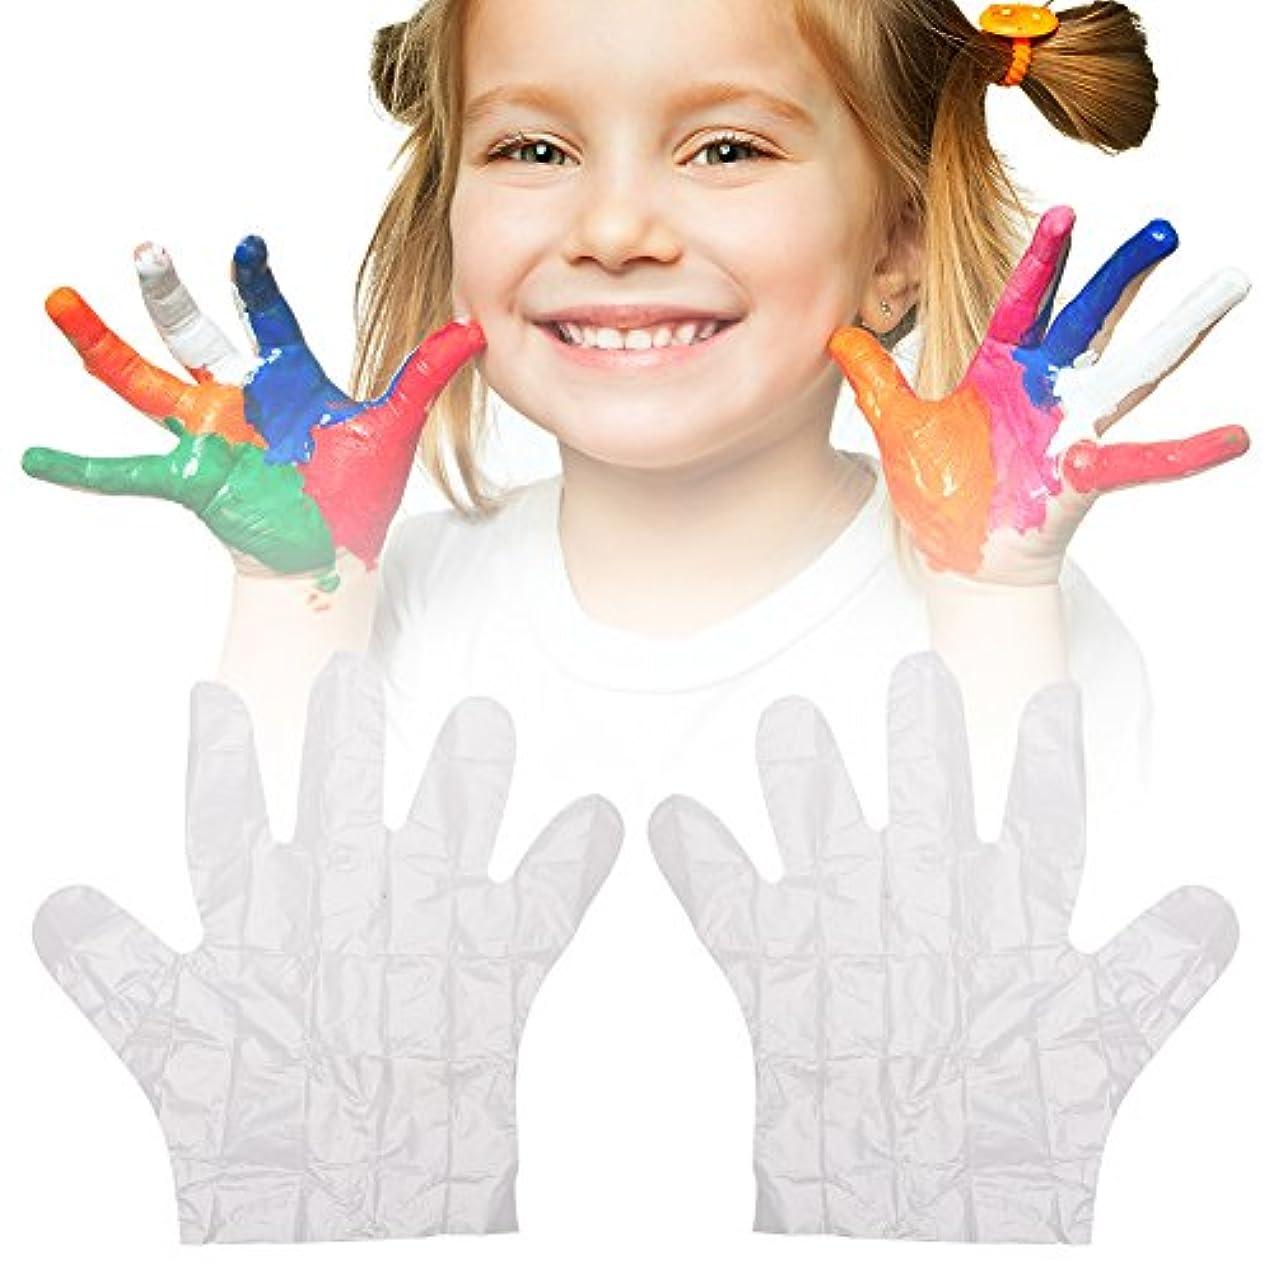 ライドバケツ不毛の卓仕朗 手袋使い捨て 子供用 使い捨て手袋 キッズ専用 食品 調理 キッチン用品 透明 手袋 200枚